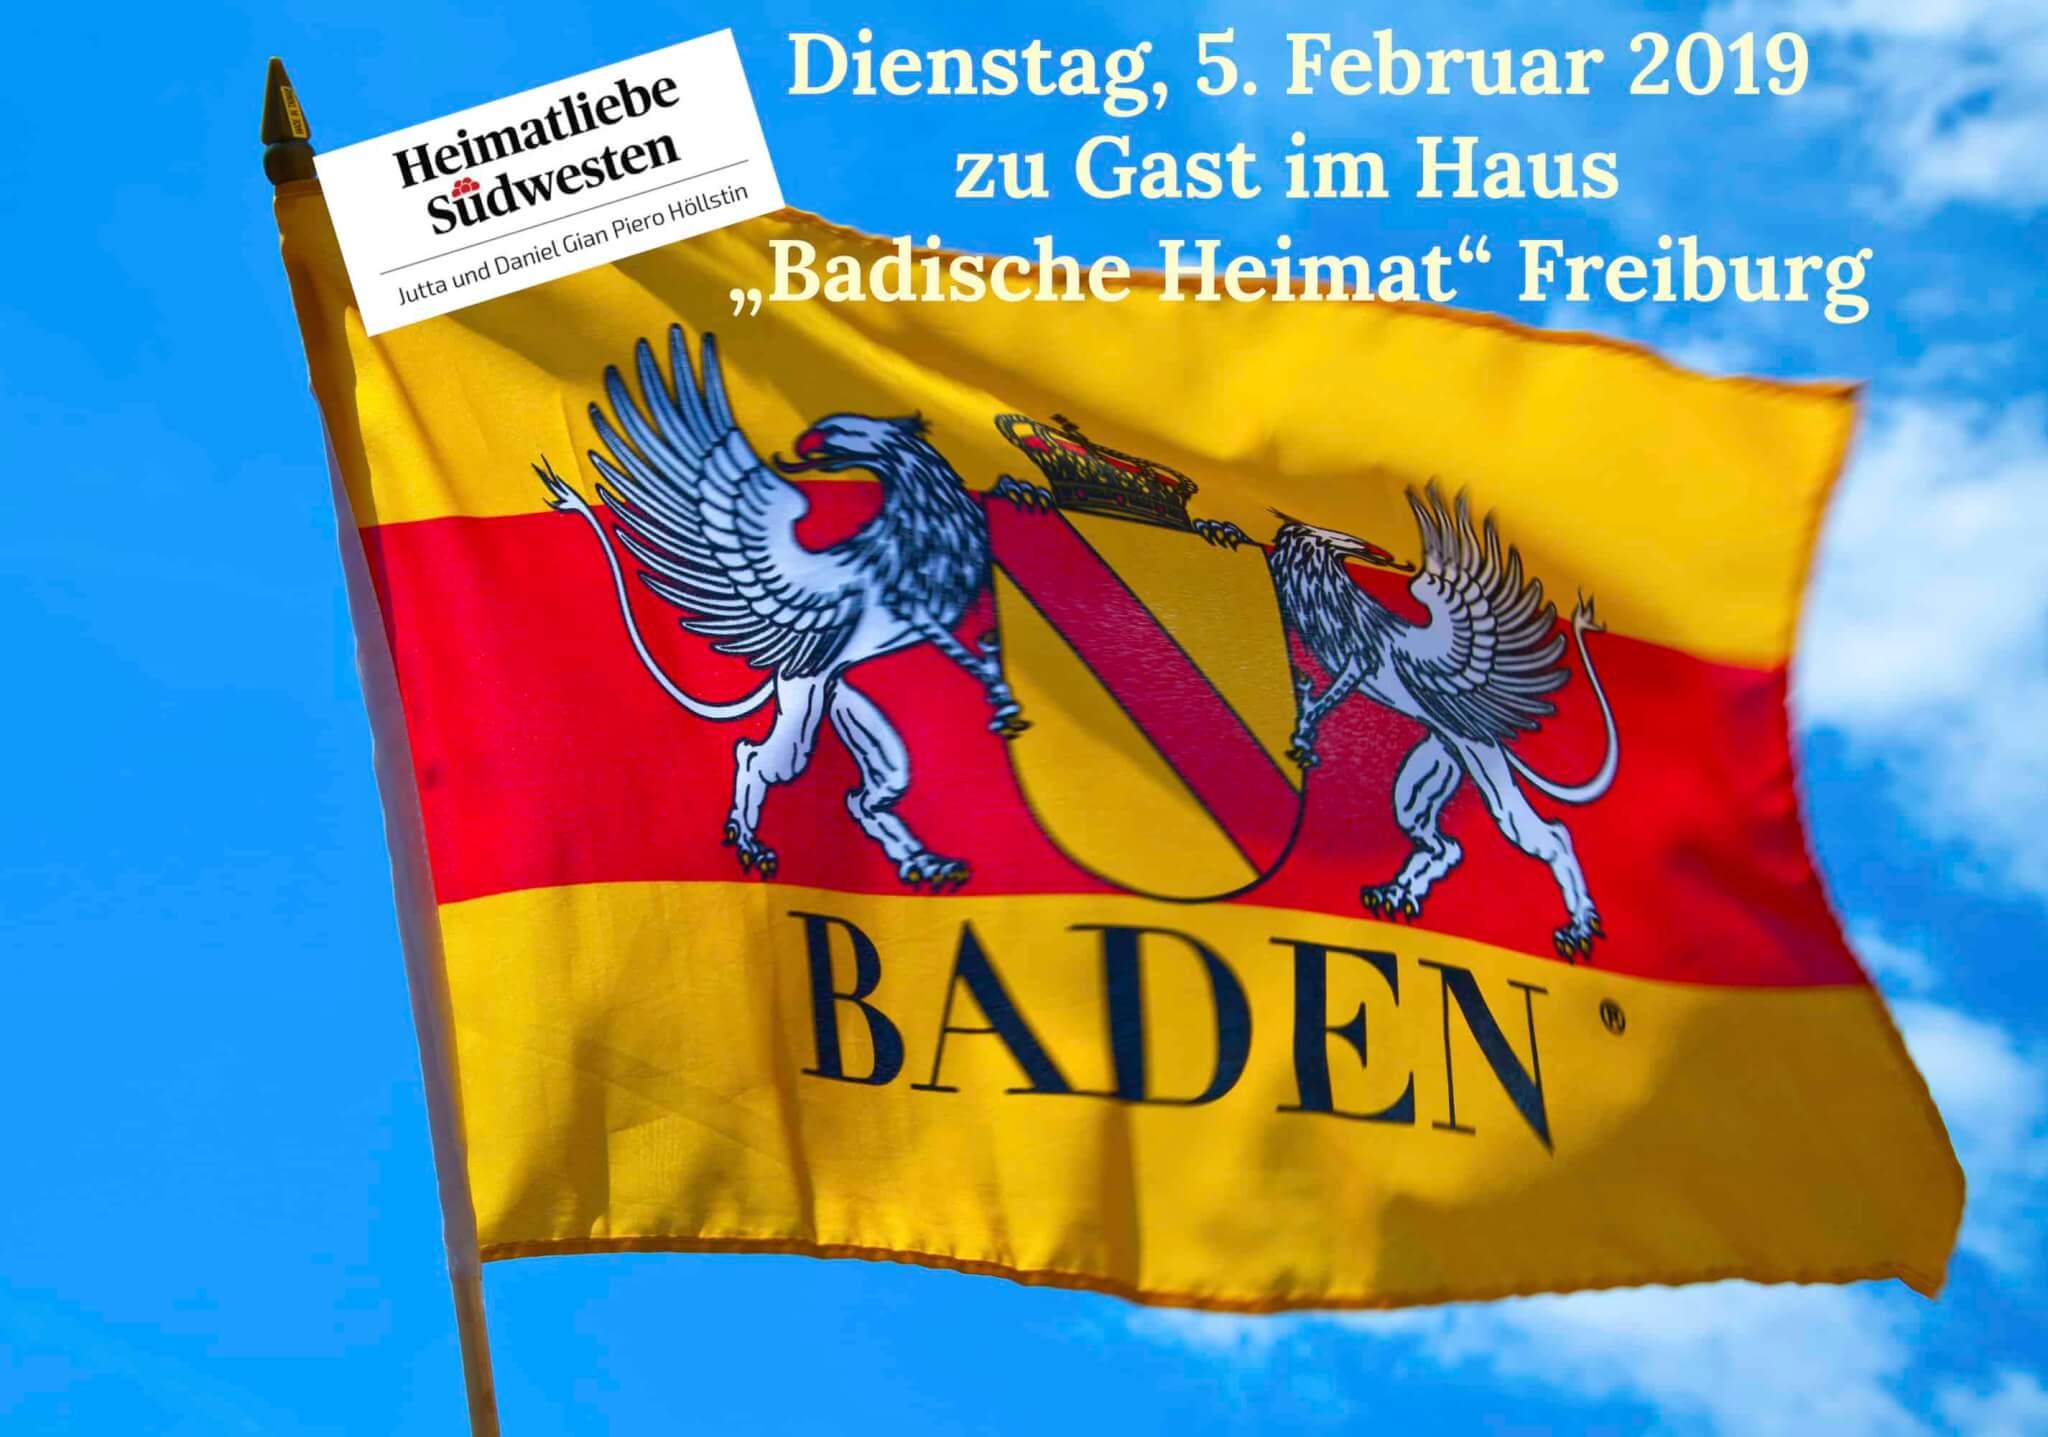 Zu Gast beim Landesverein  Badische Heimat e.V. in Freiburg